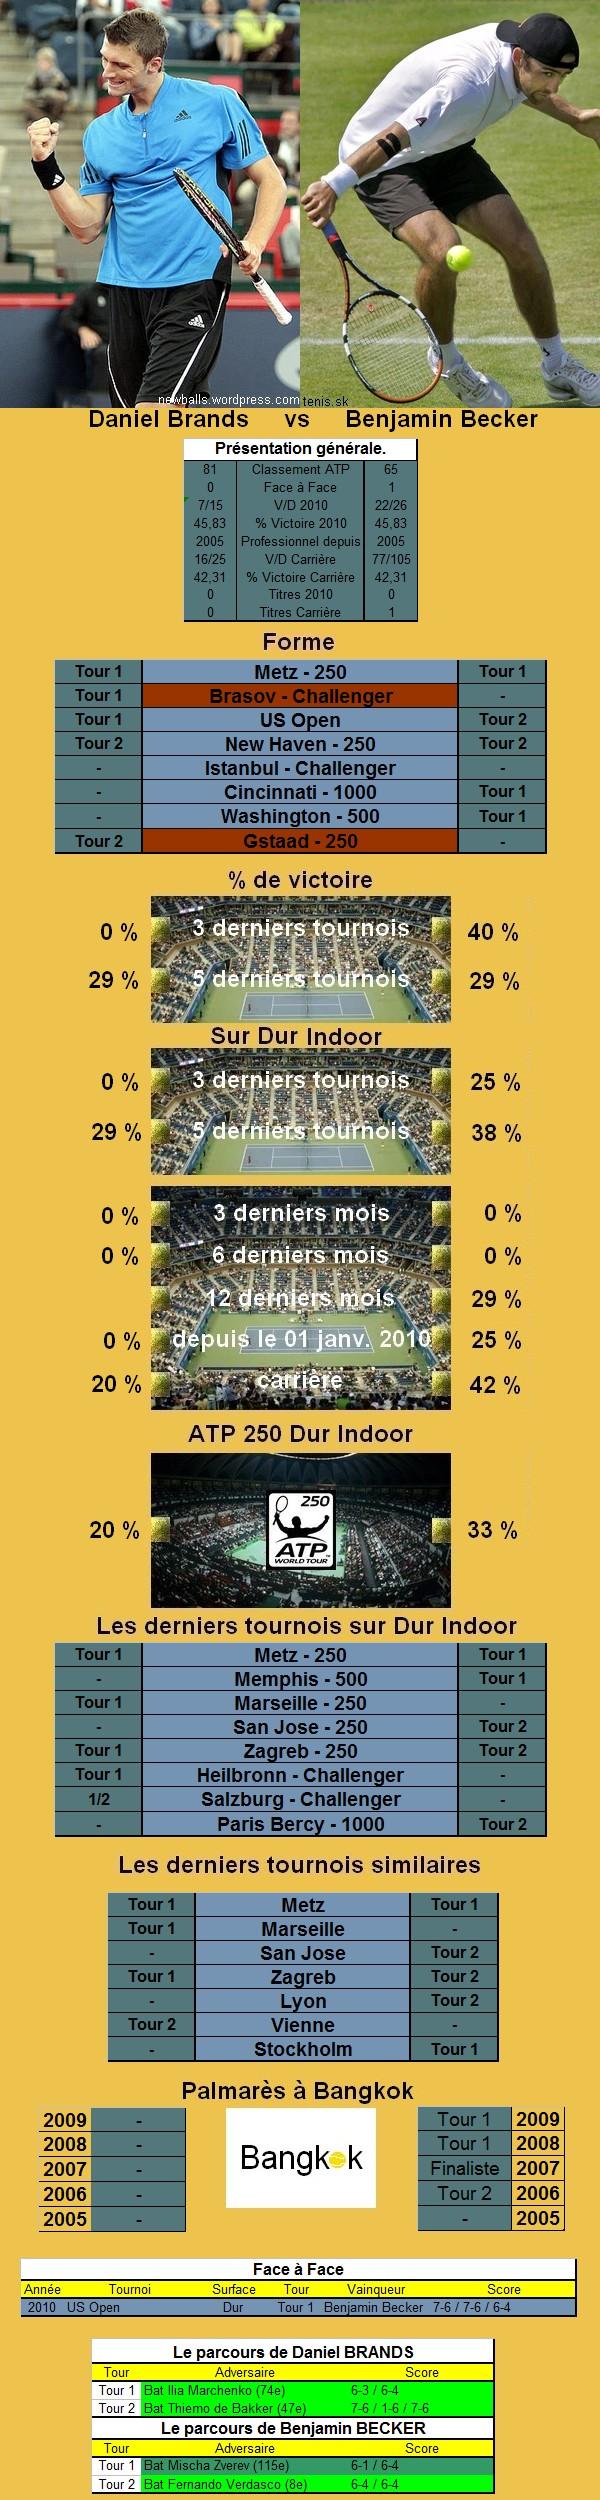 Statistiques tennis de Brands contre Becker à Bangkok